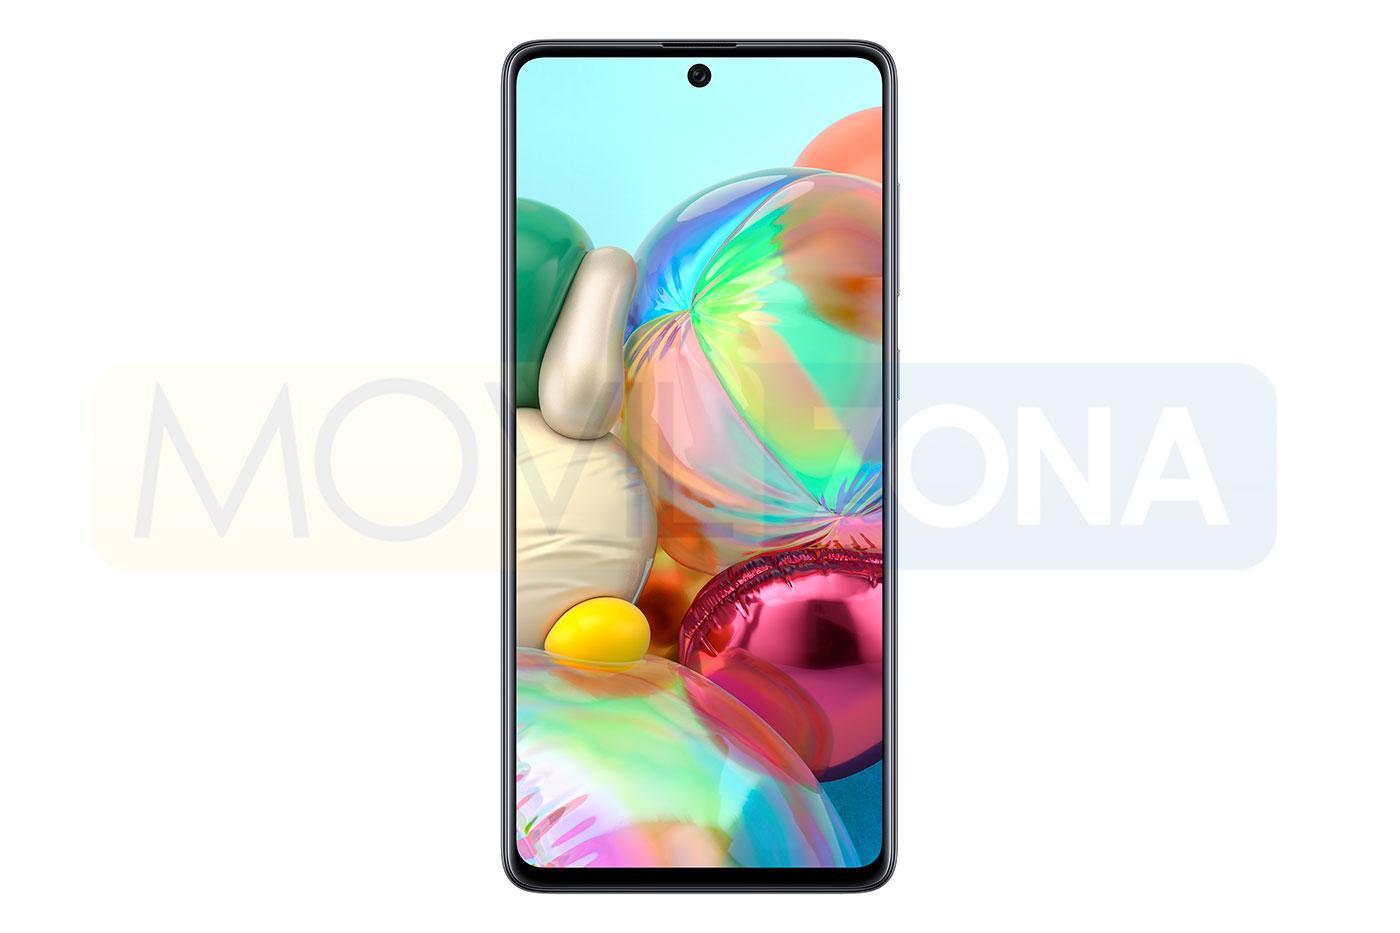 Samsung Galaxy A71 frontal